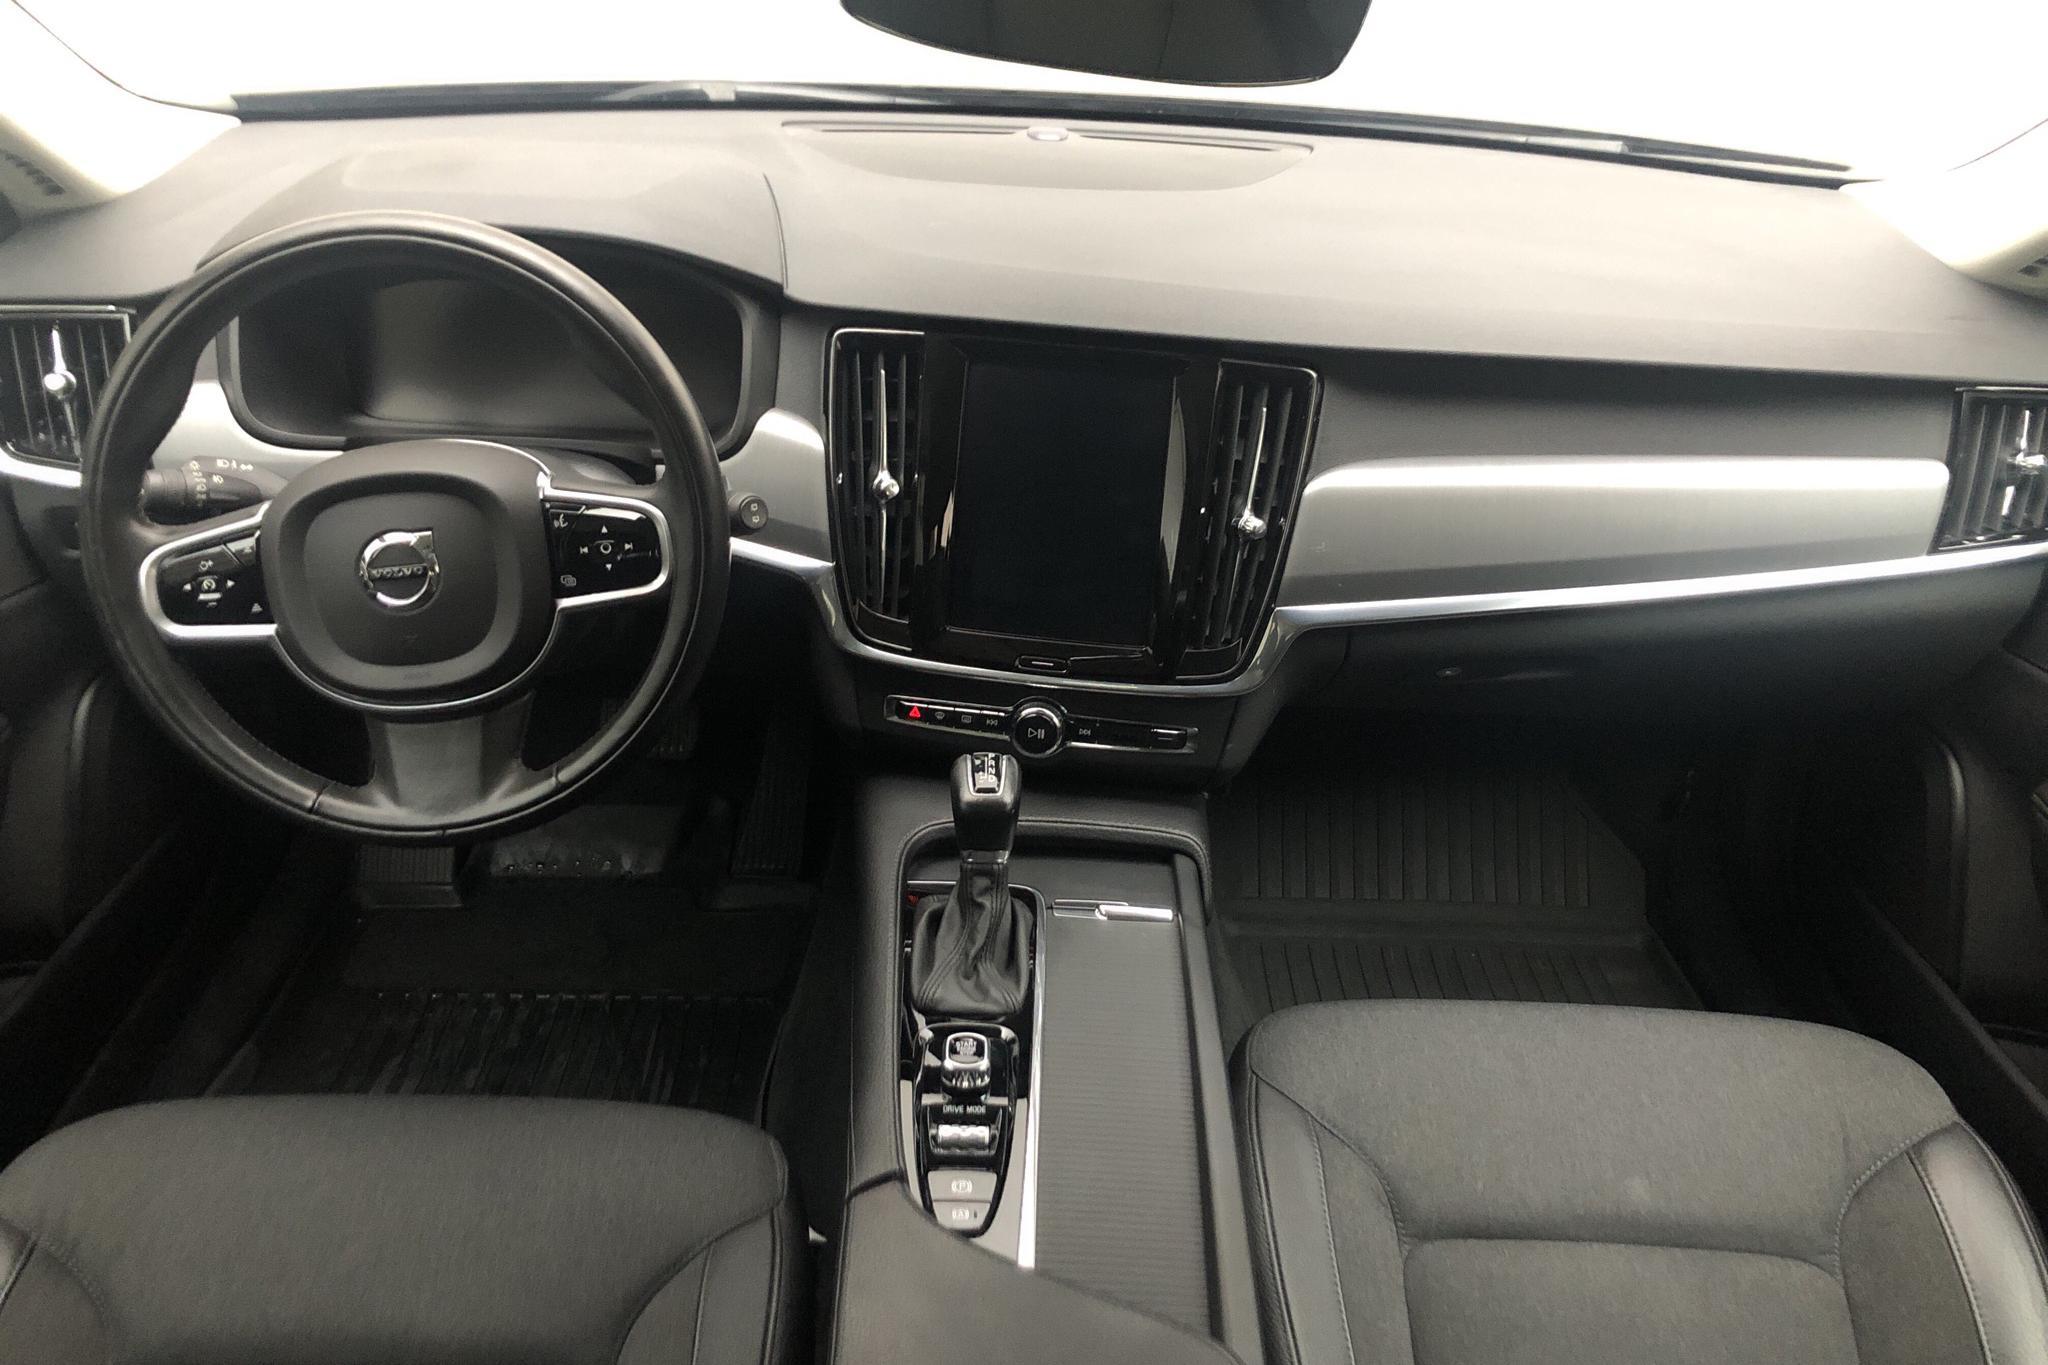 Volvo V90 D4 (190hk) - 8 343 mil - Automat - svart - 2018